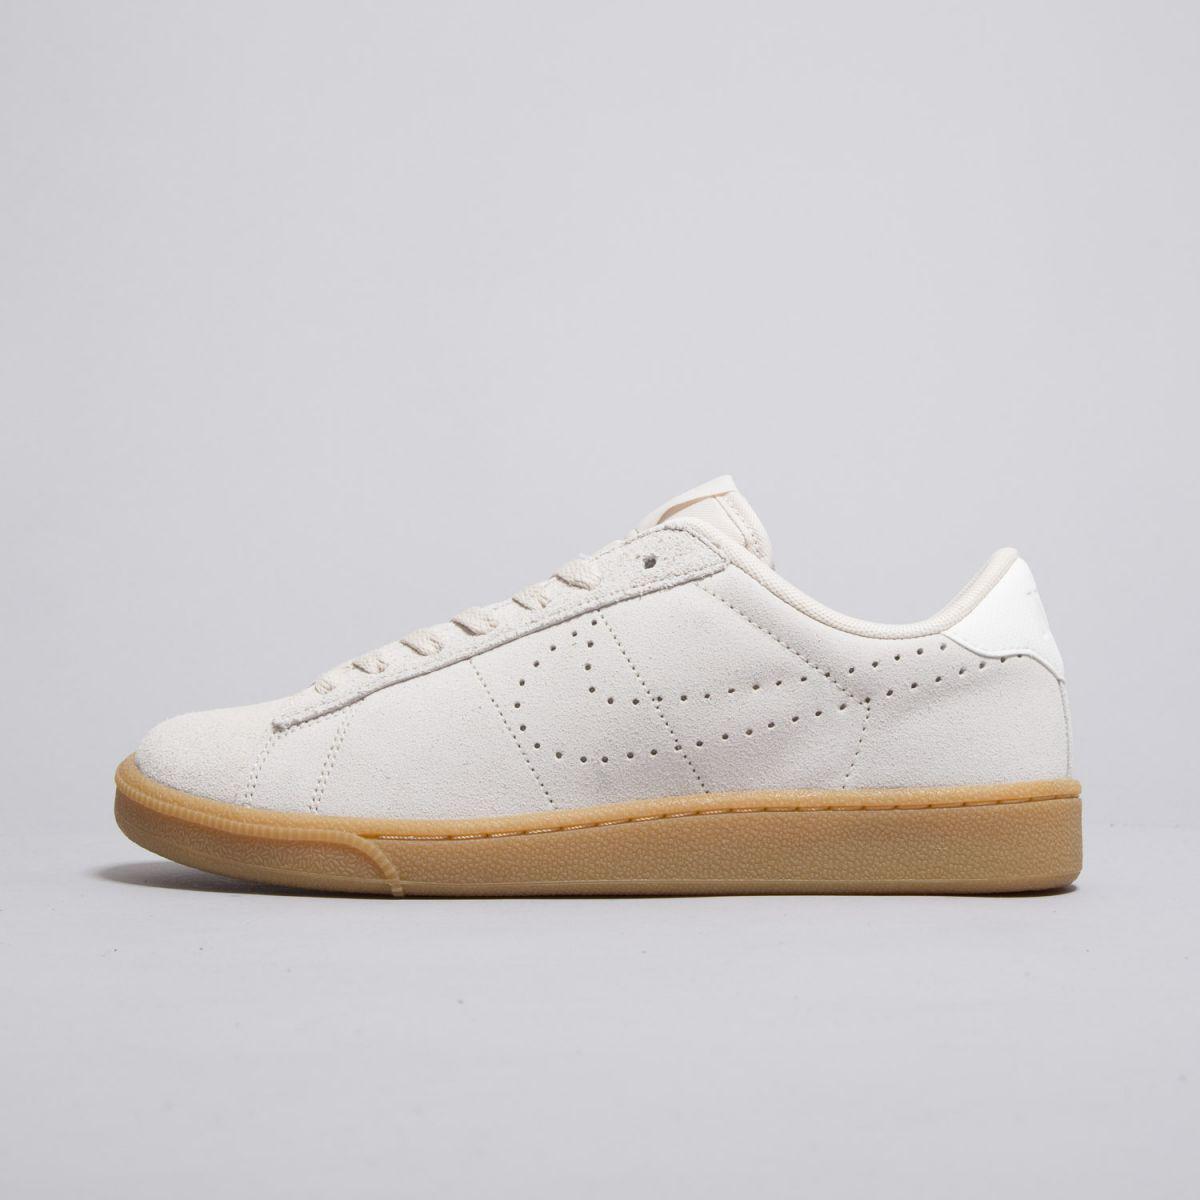 b77cfe08 Оригинальные мужские кроссовки Nike Tennis Classic CS Suede